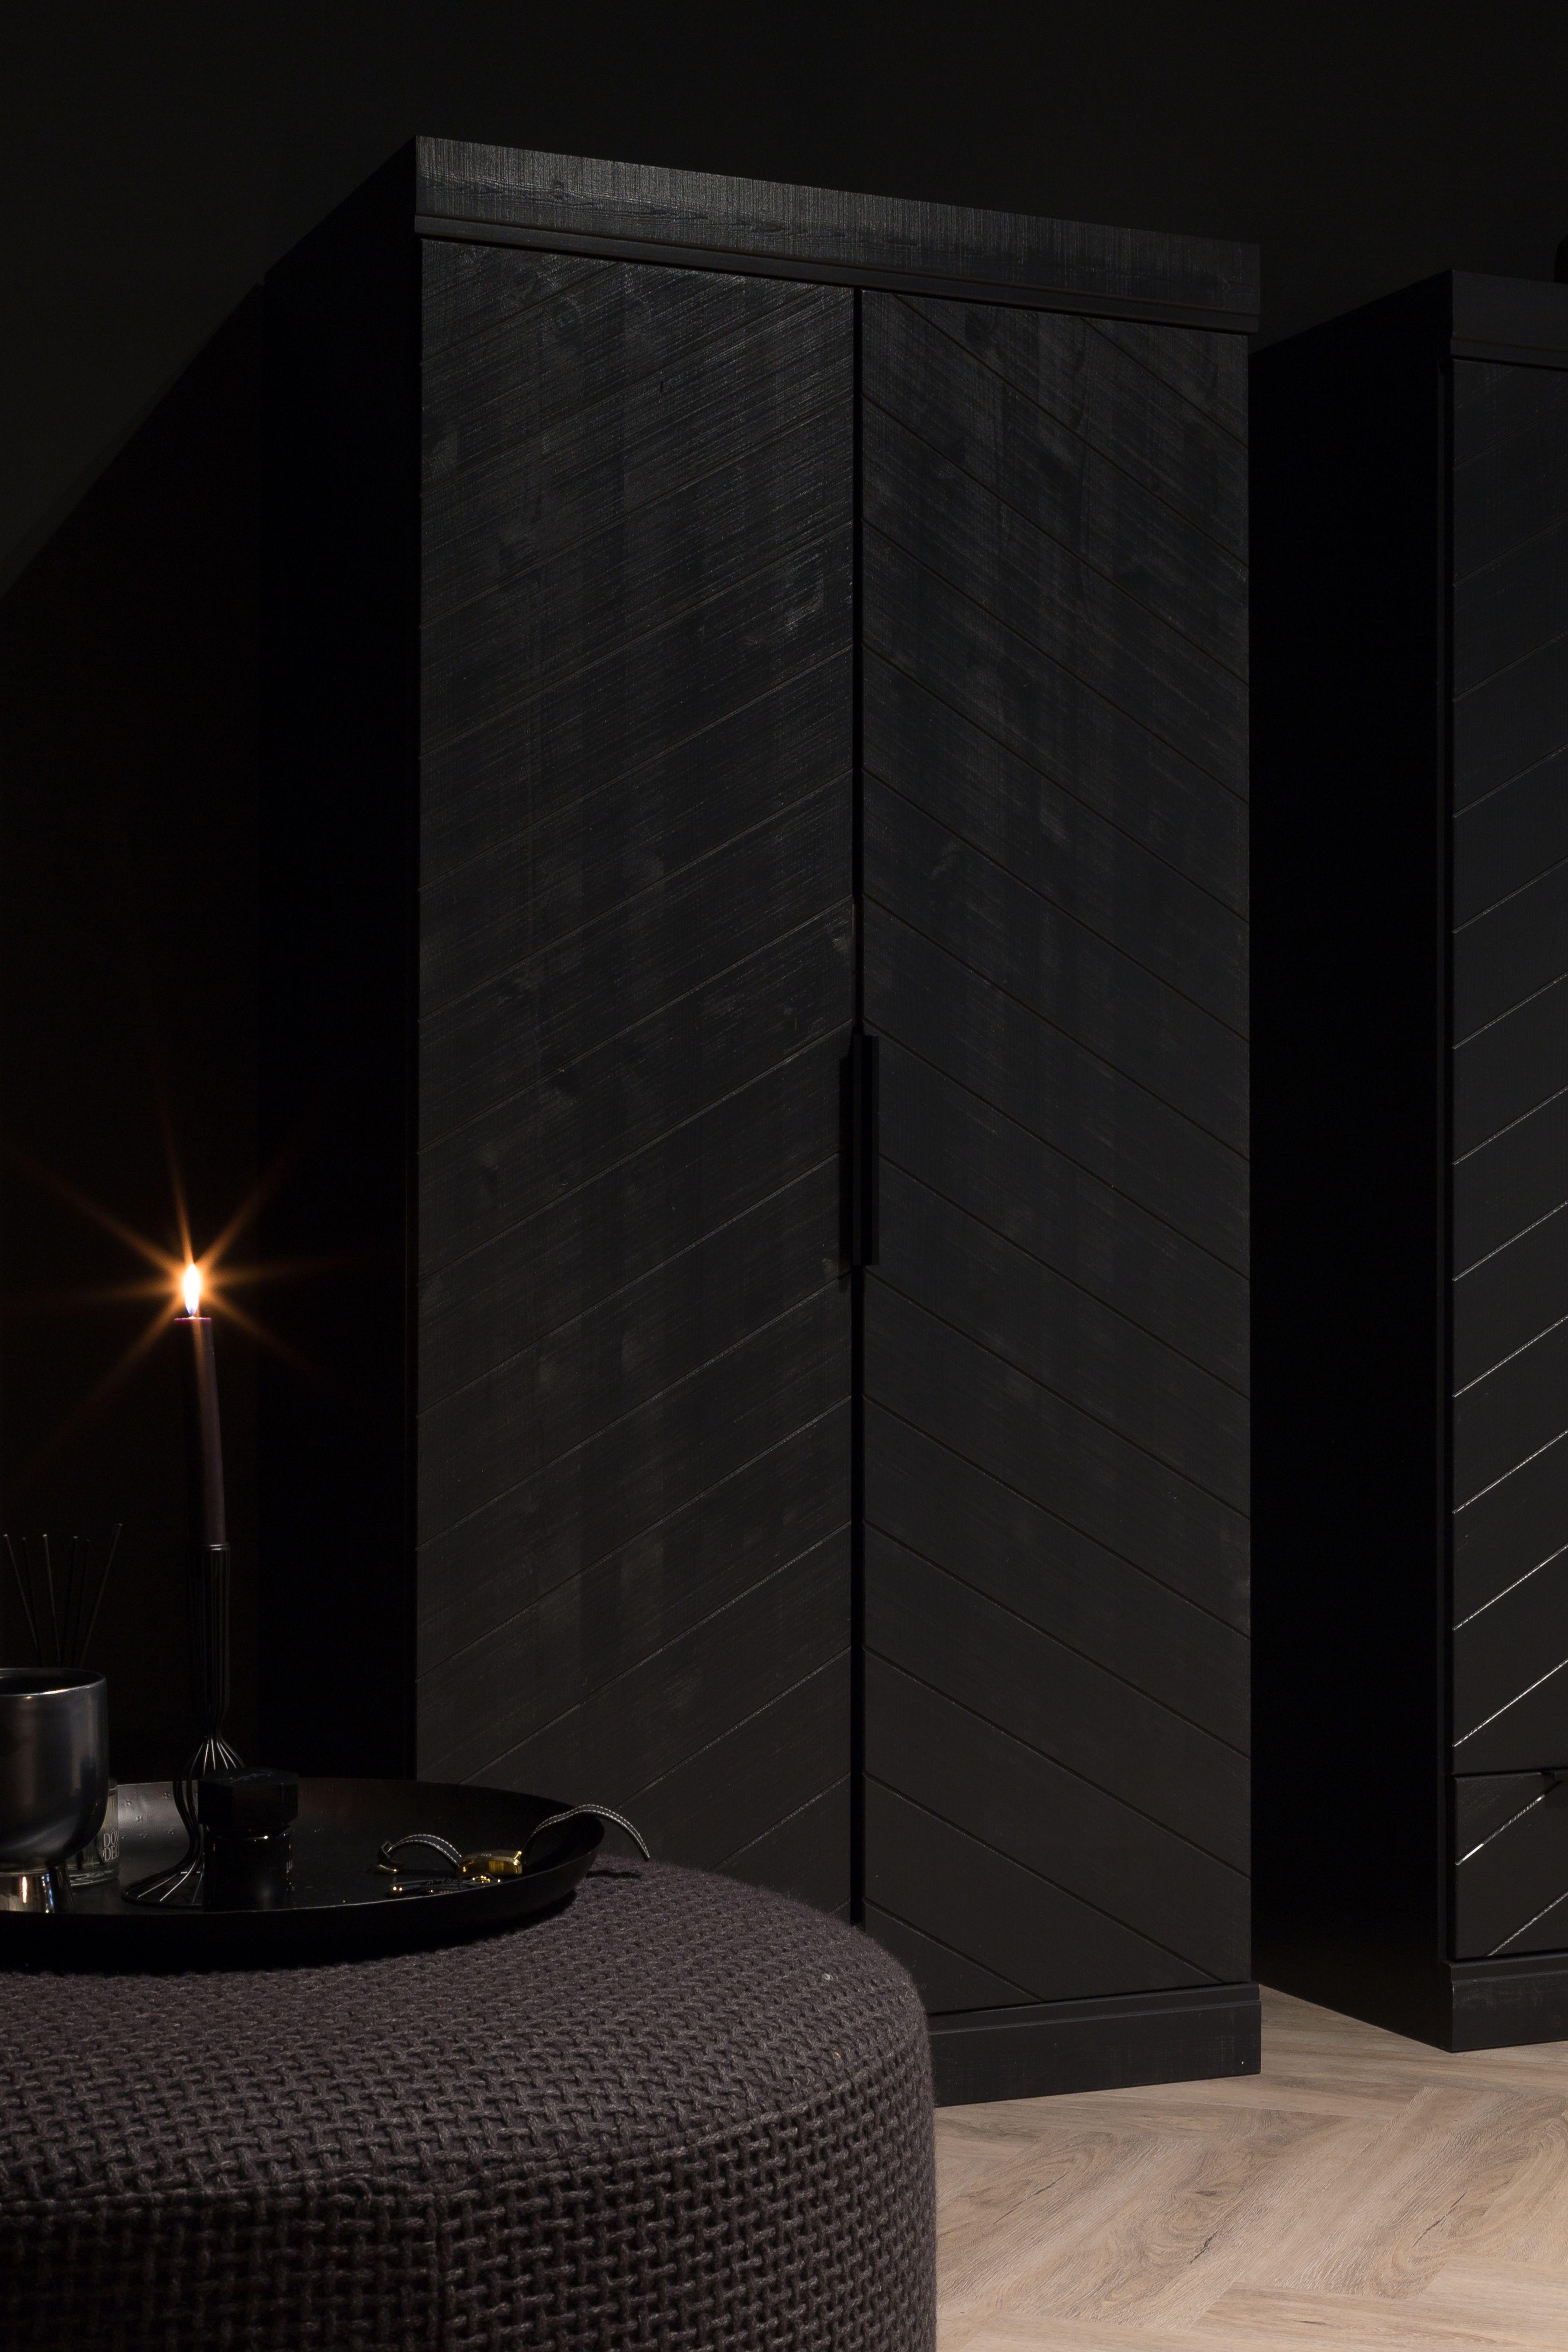 Een deel van onze zwarte slaapkamer! #black #slaapkamer #bedroom ...